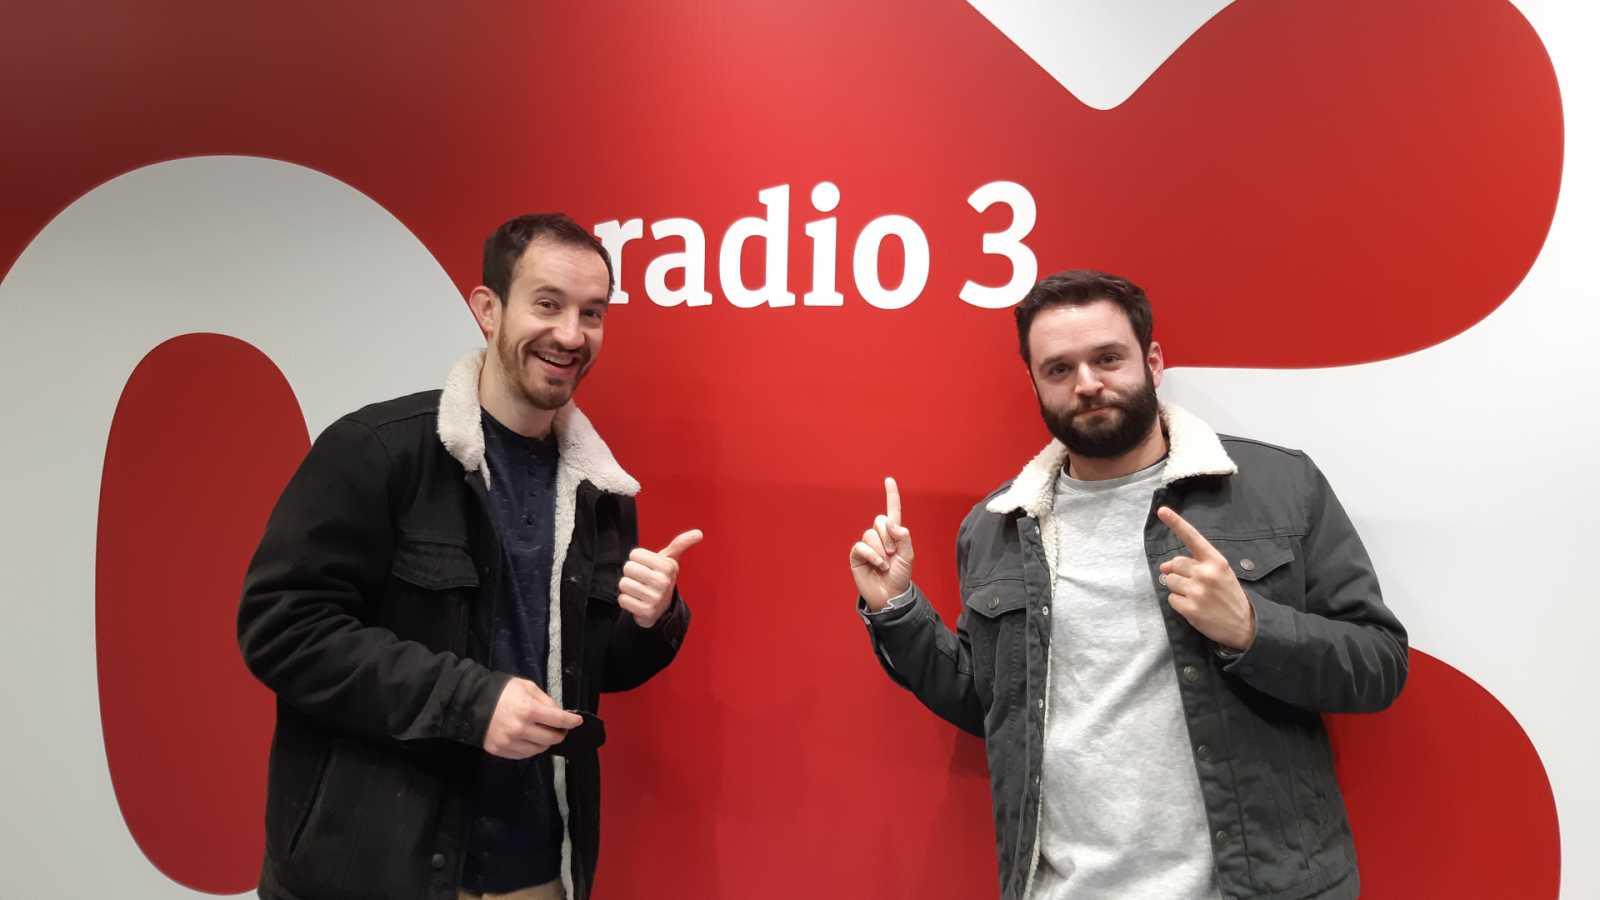 En Radio 3 - Pascu y Rodri, Destripando la historia - 13/03/21 - escuchar ahora